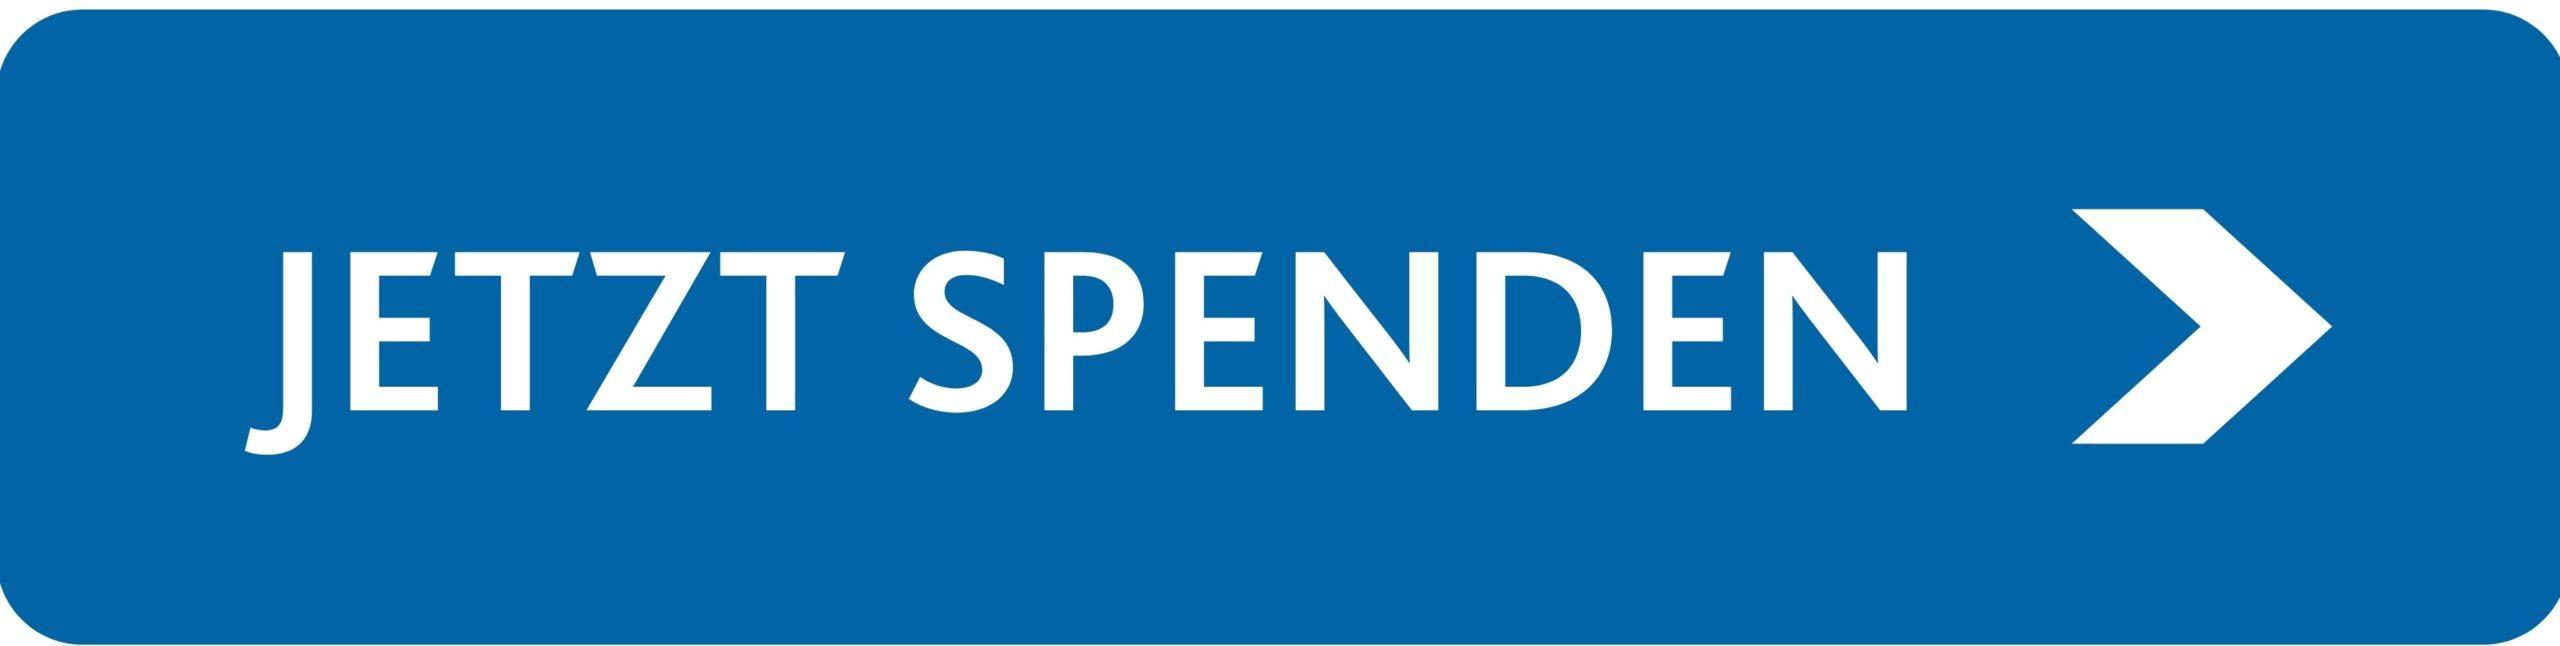 Spendenbutton: Jetzt spenden